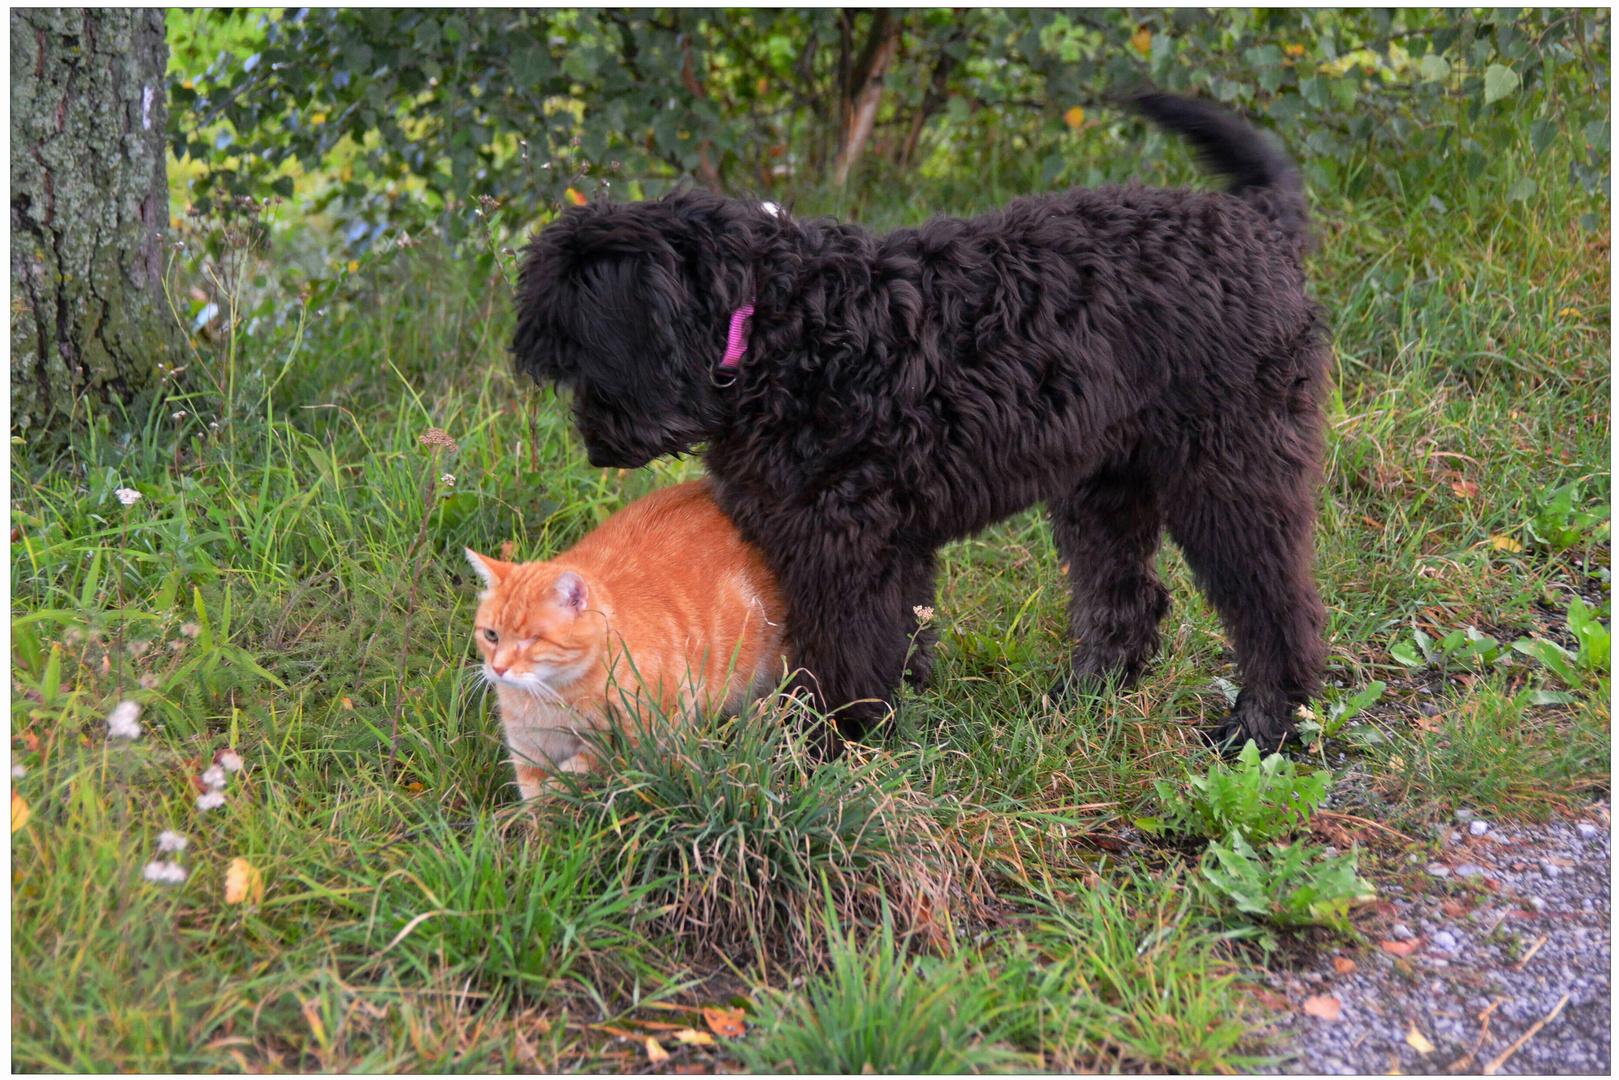 Fuchsie und Wicky-Emily werden Freunde (Zorrito y Wicky-Emily se hacen buenos amigos)